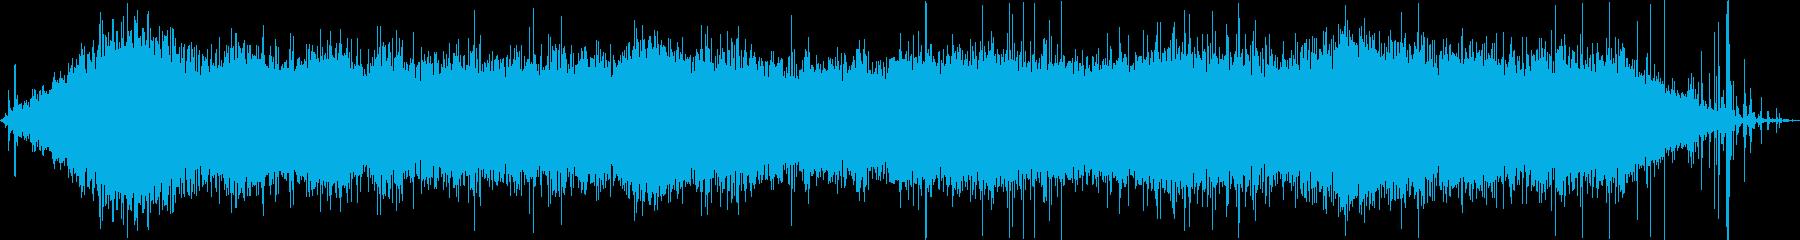 ダークアンビエント_01 テクスチャの再生済みの波形